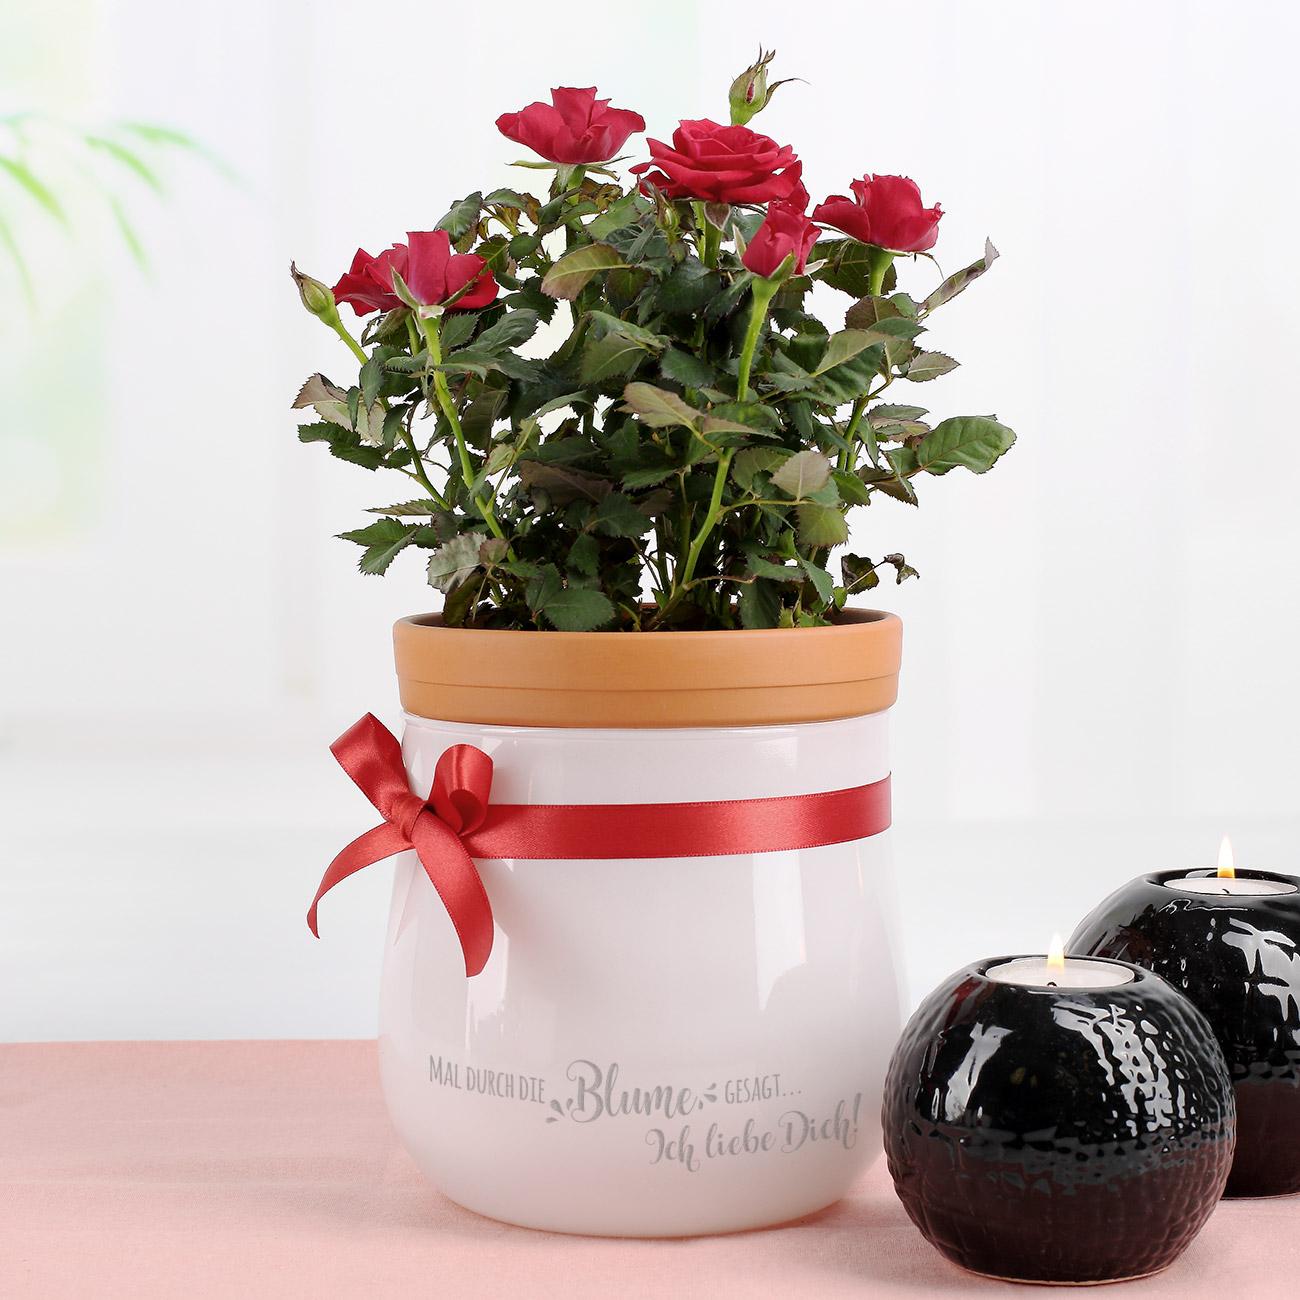 Geschenk Zum Valentinstag Leonardo Blumentopf Mal Durch Die